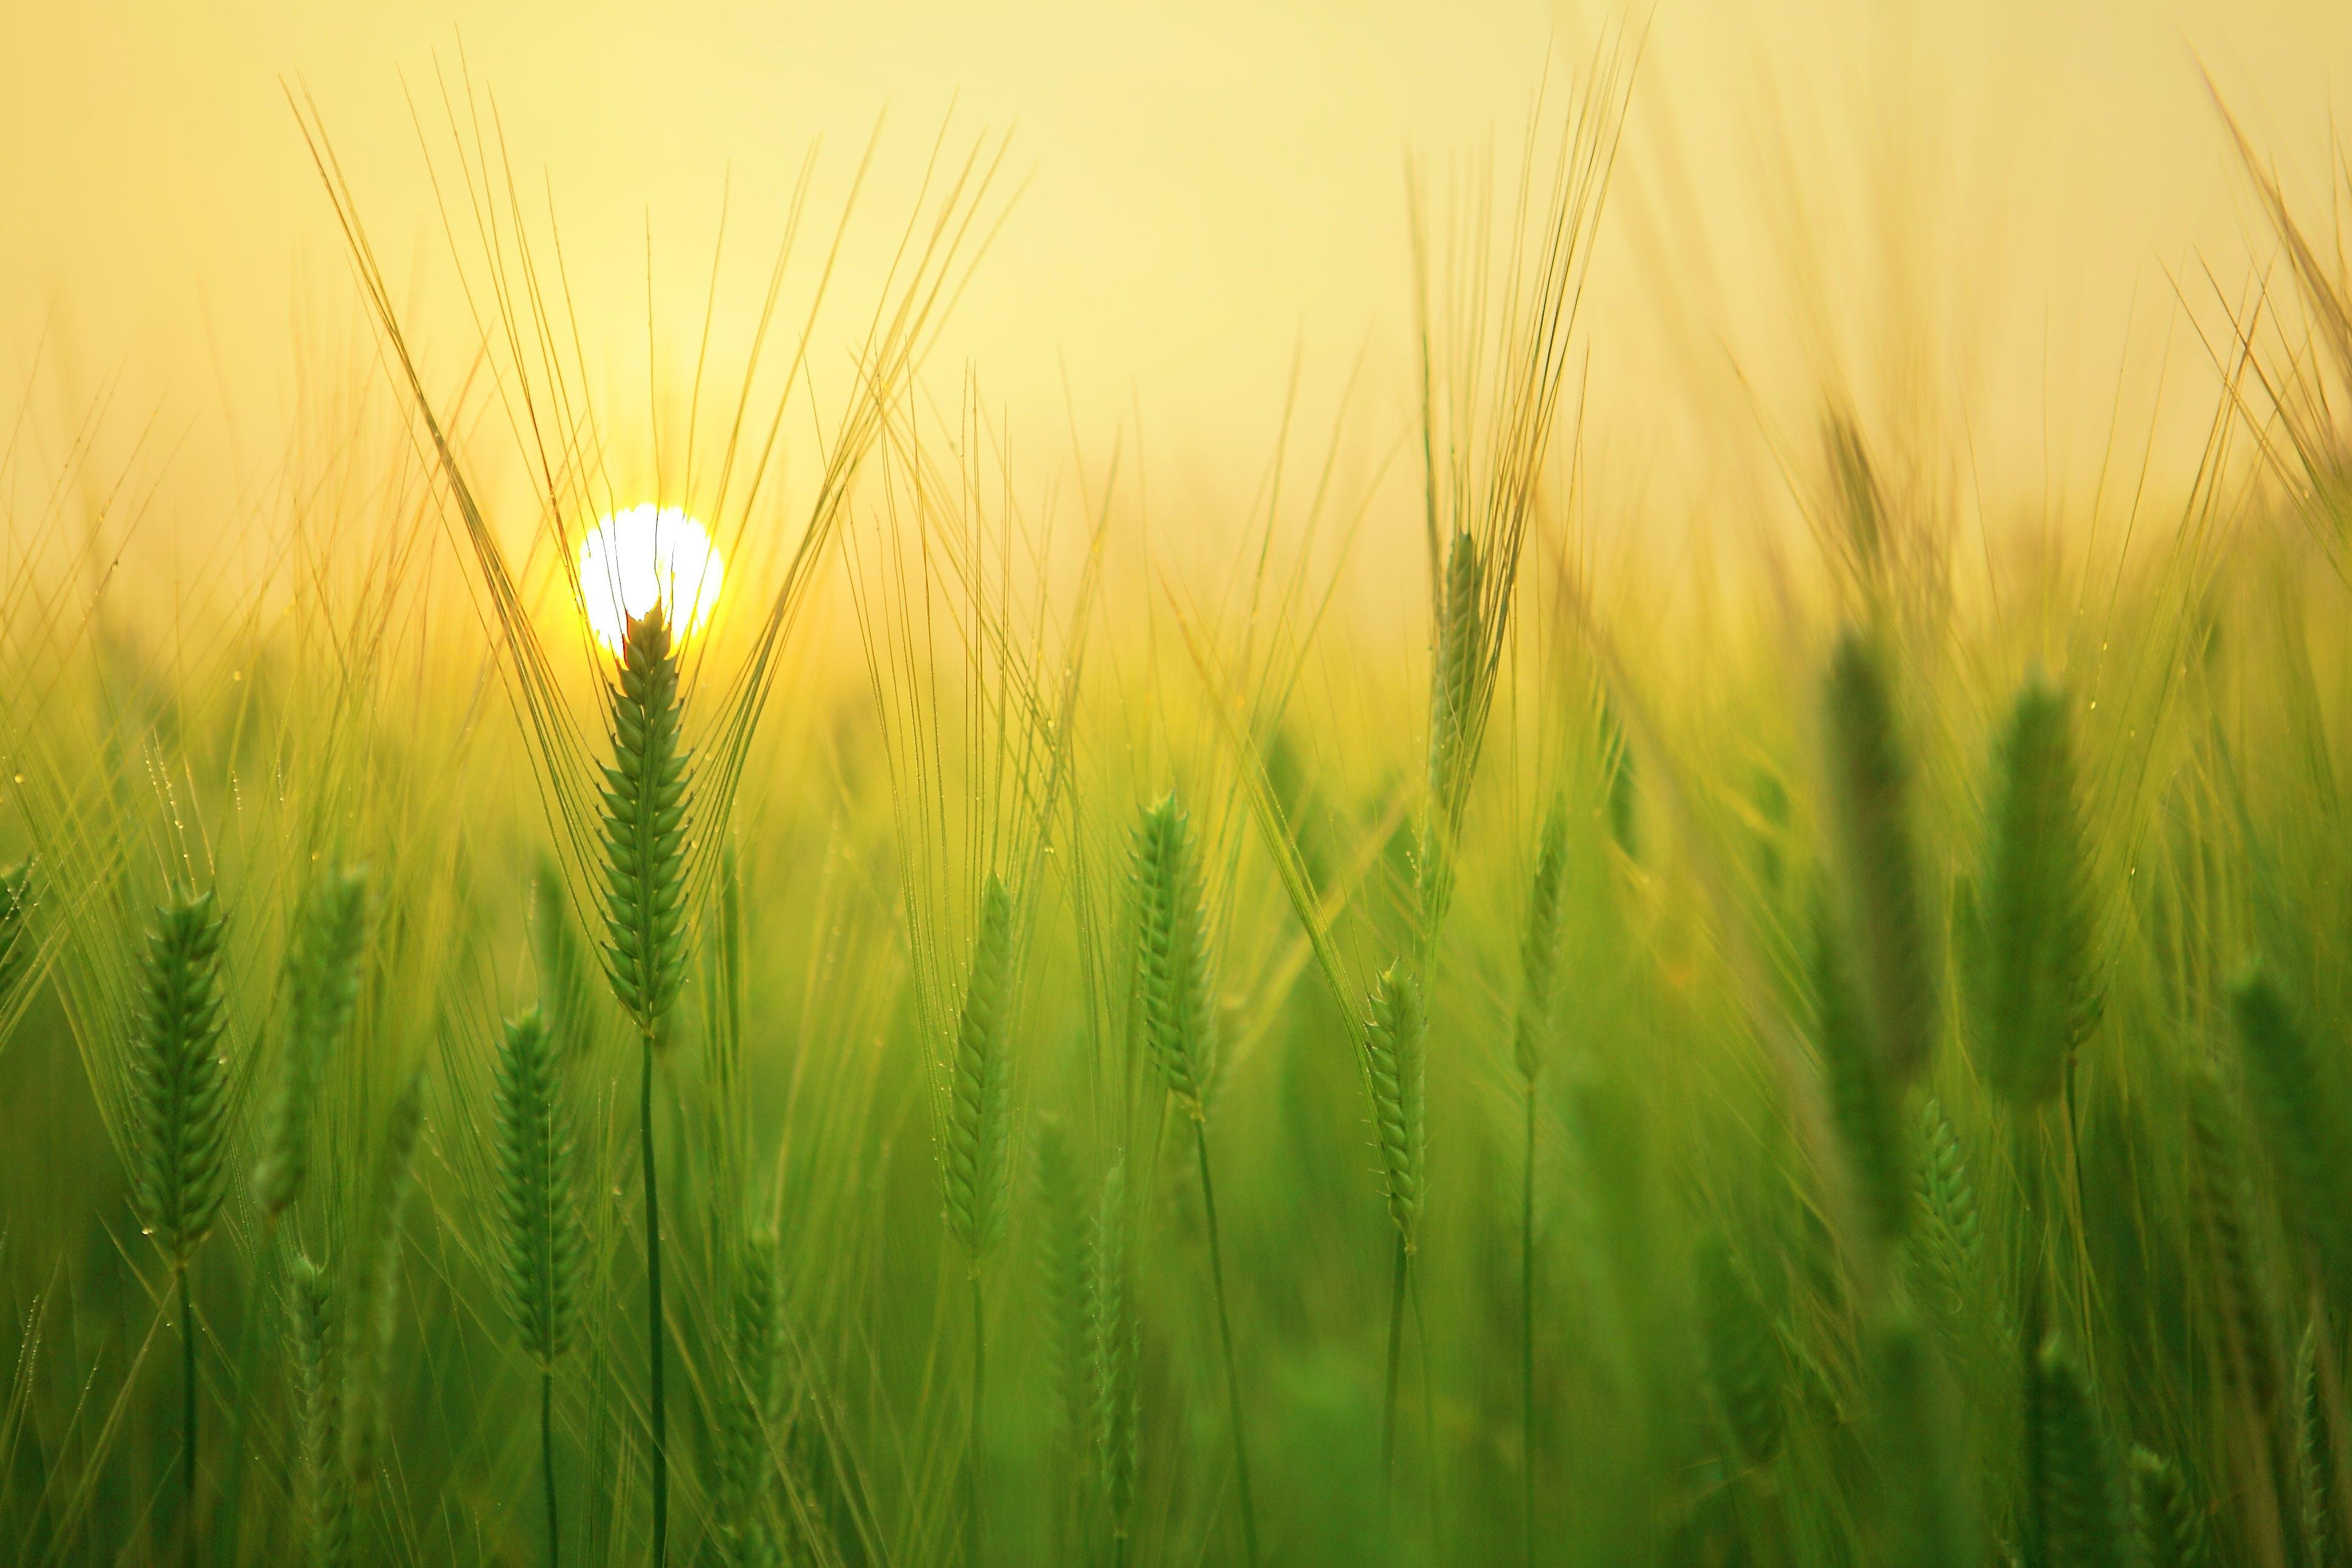 Kostenloses Stock Foto zu landschaft, feld, sonne, sonnenaufgang